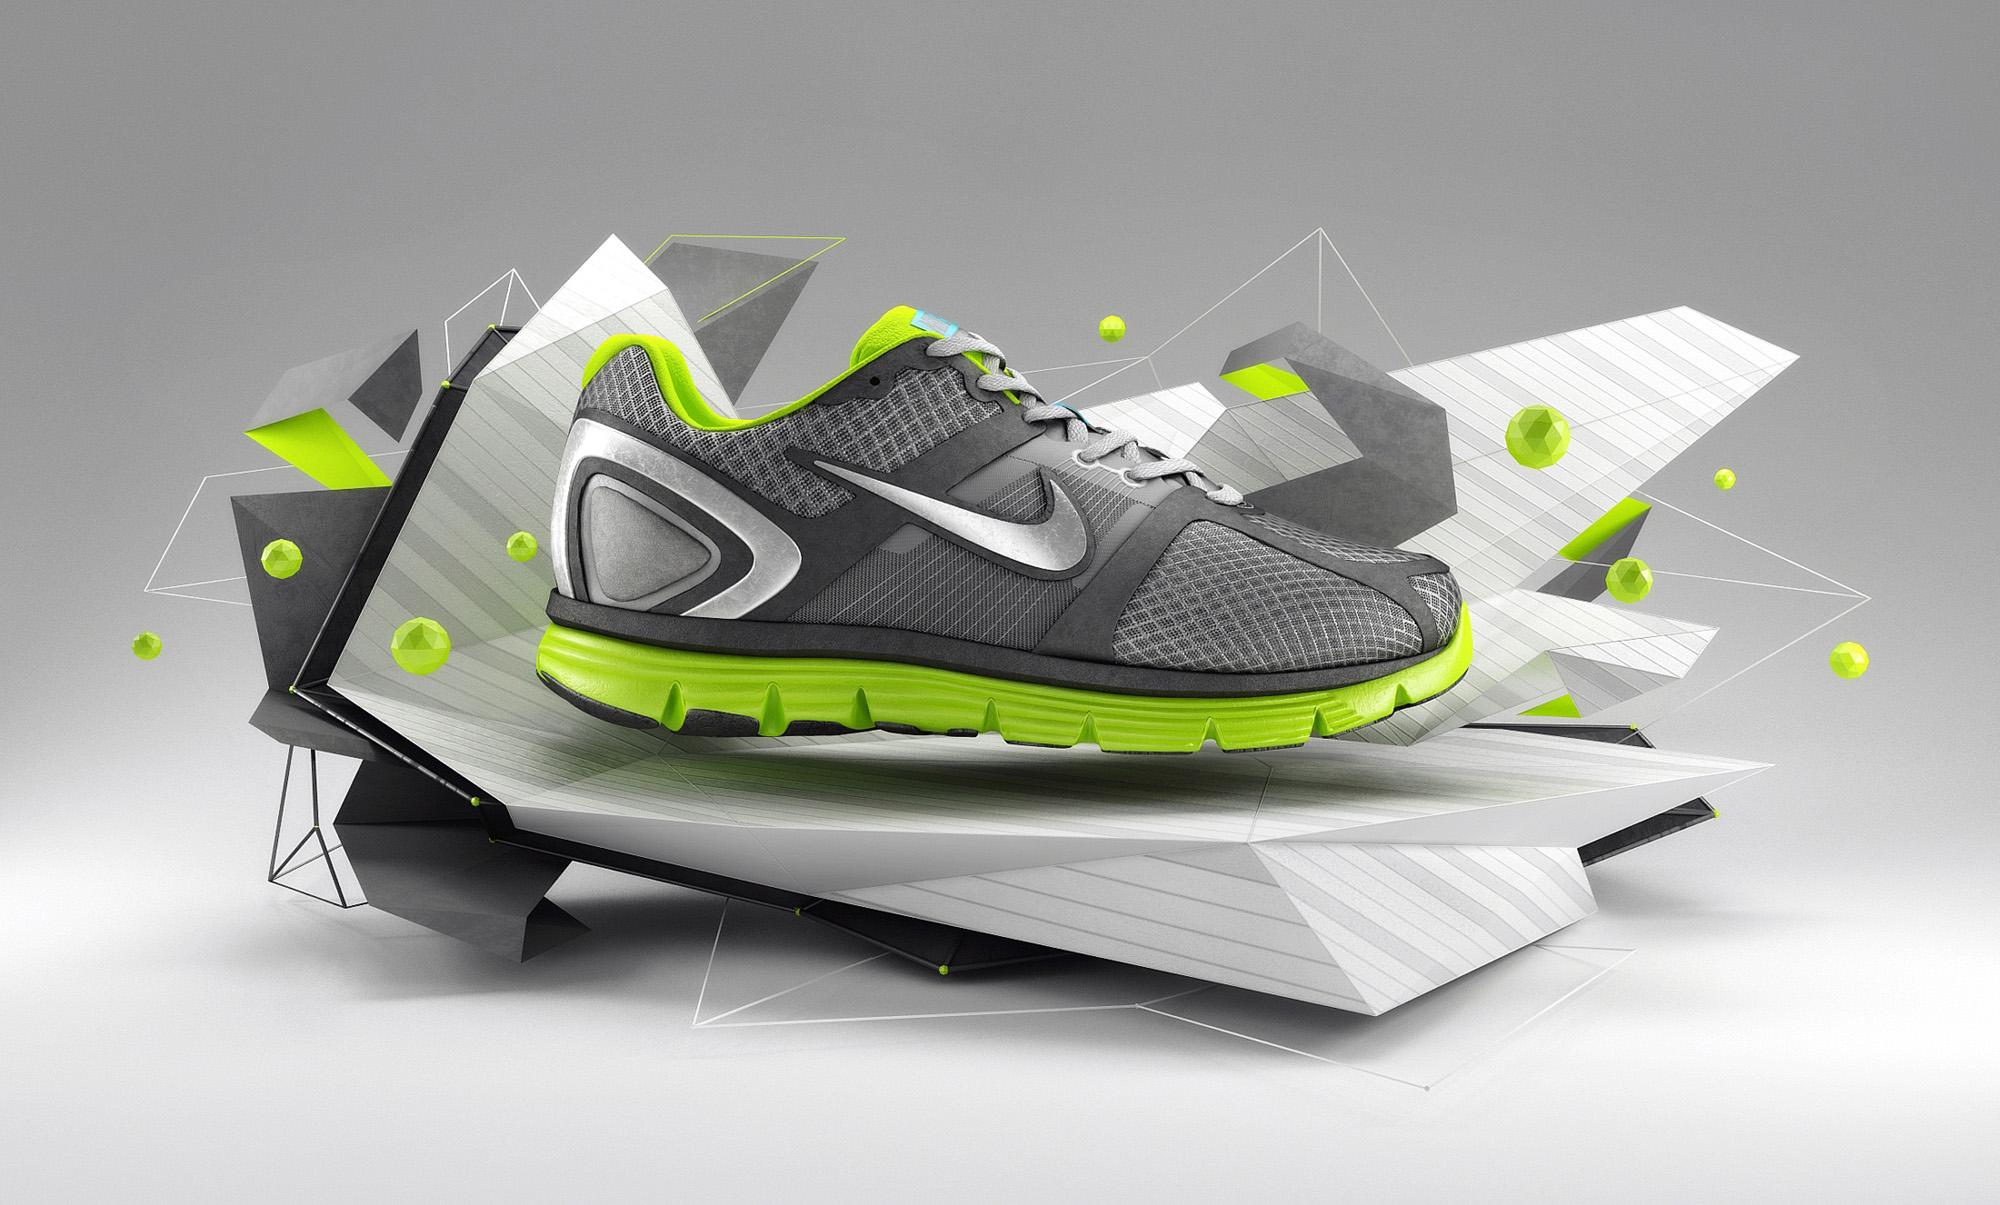 MK_3DIllustration_NikeShoeStageDesign